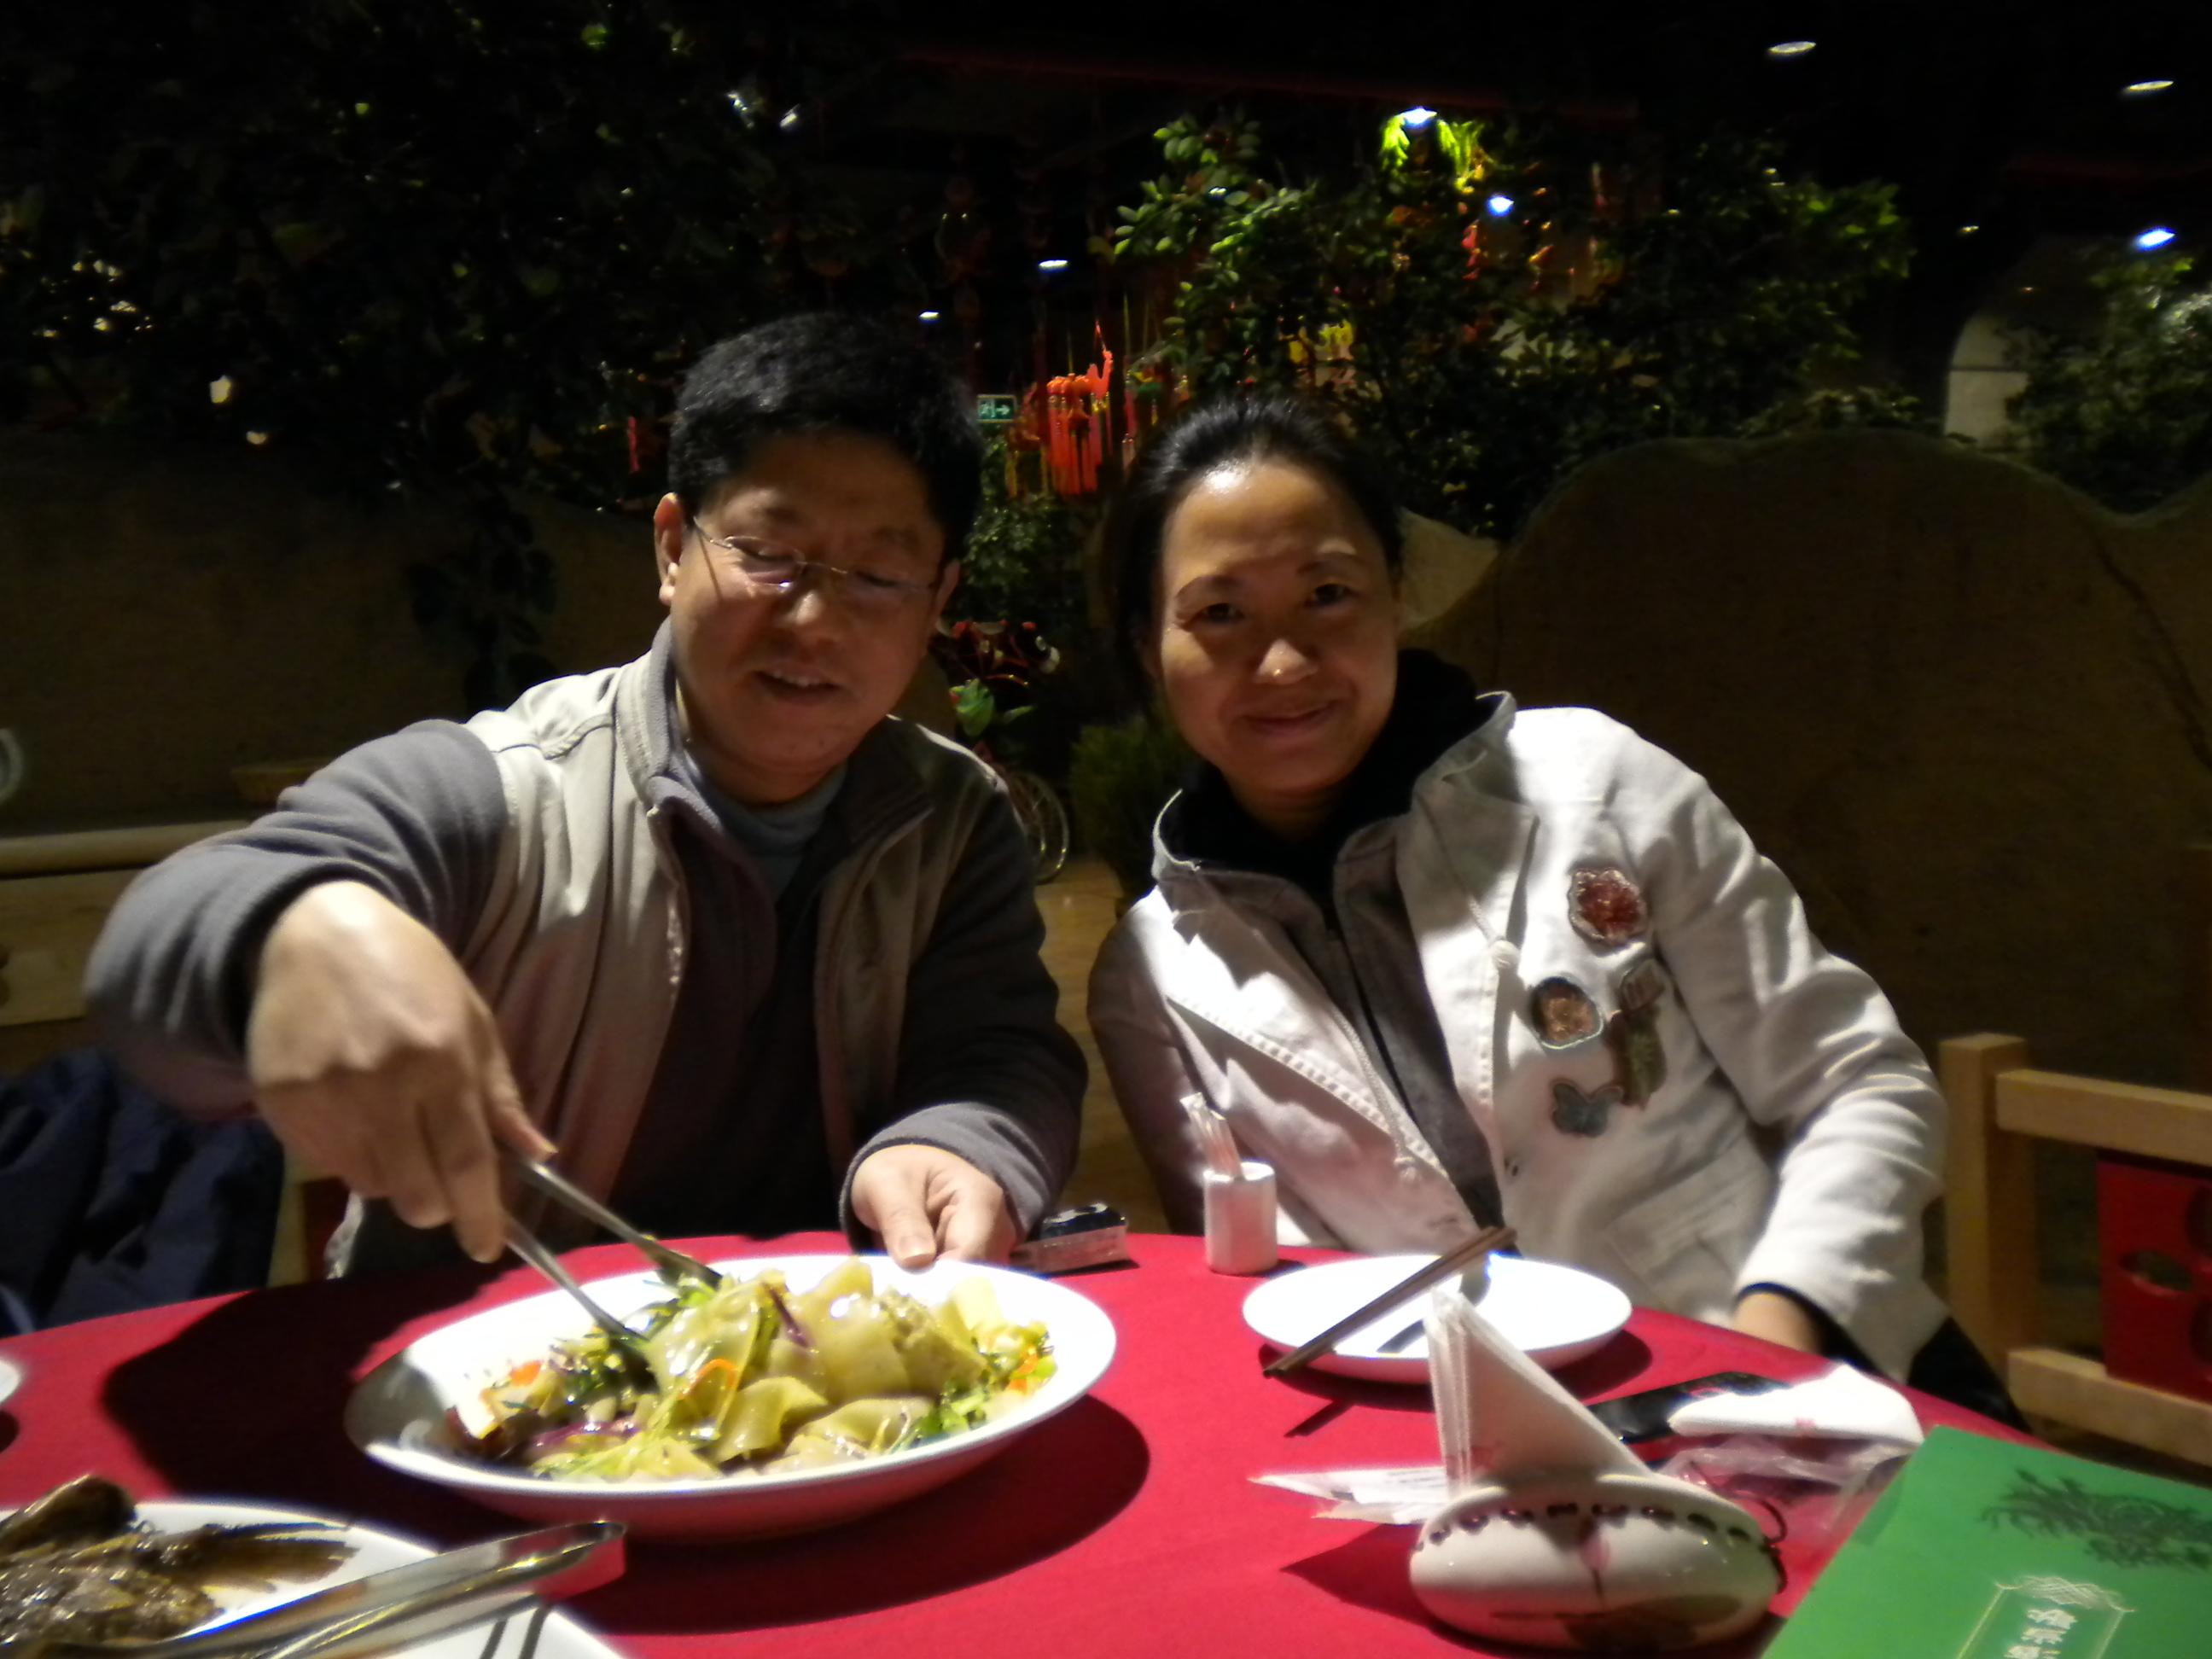 Almoço em um restaurante típico chinês #BD0E29 2592 1944